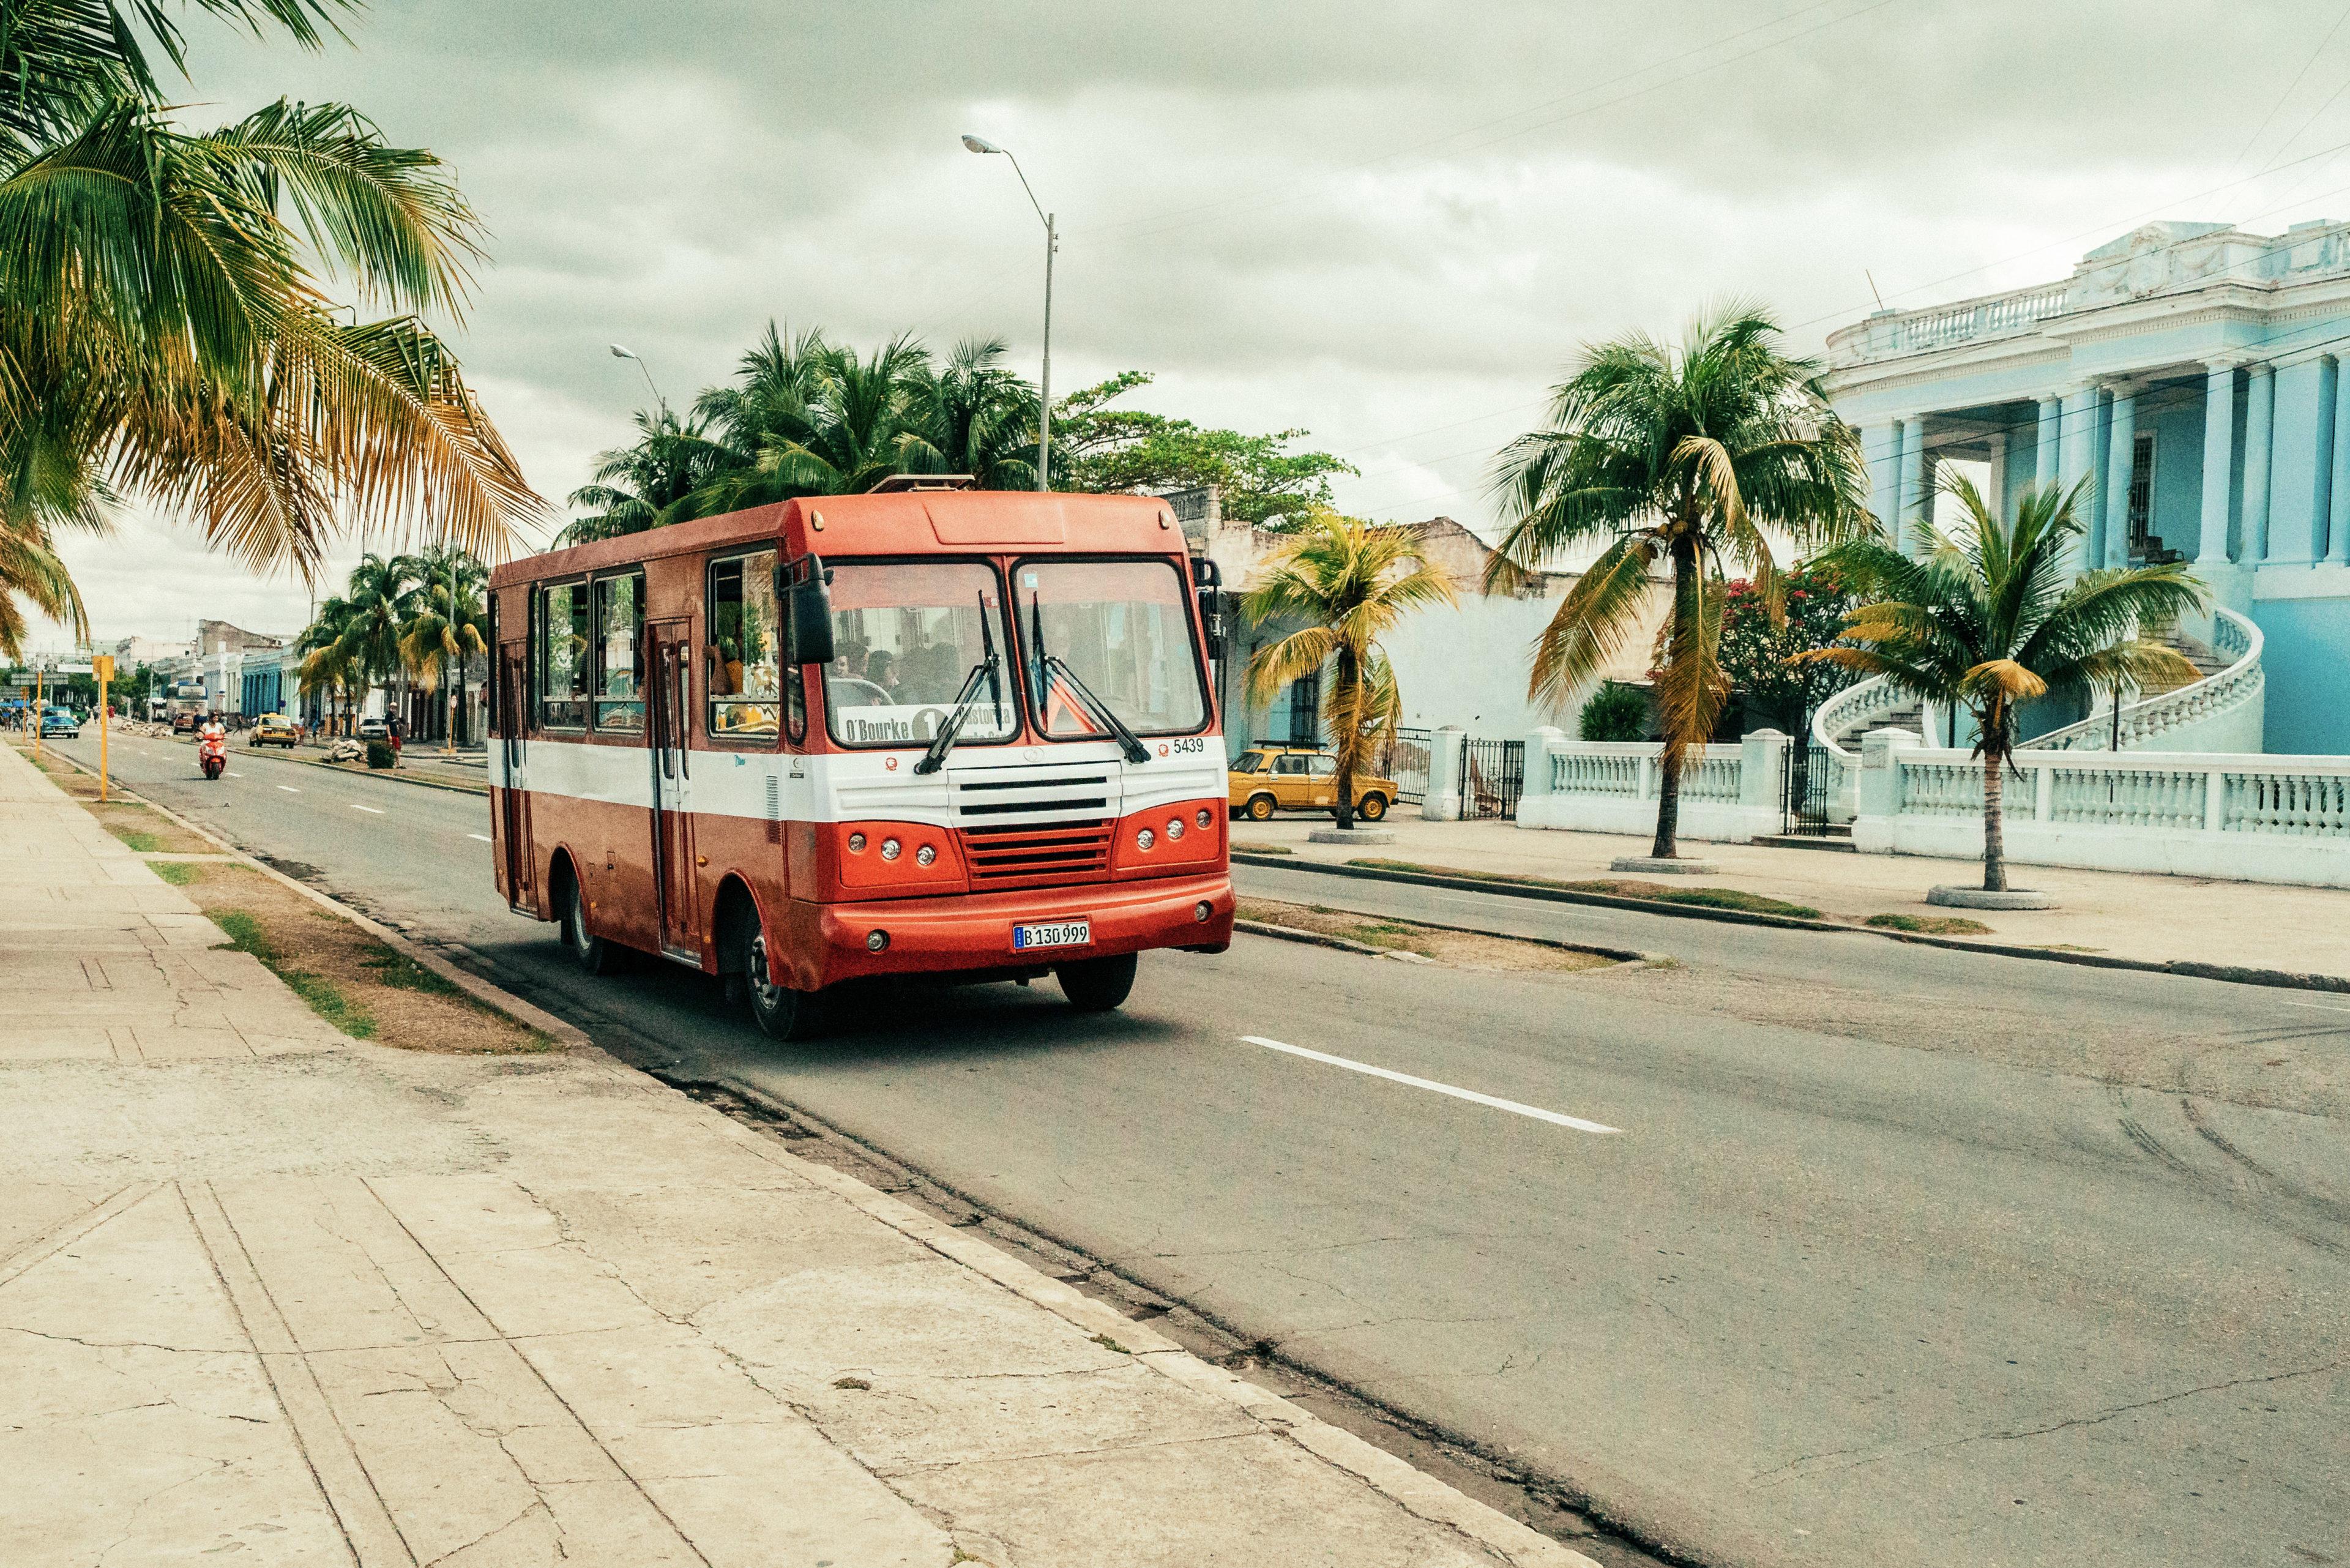 Ein typischer kubanischer Stadtbus in Cienfuegos